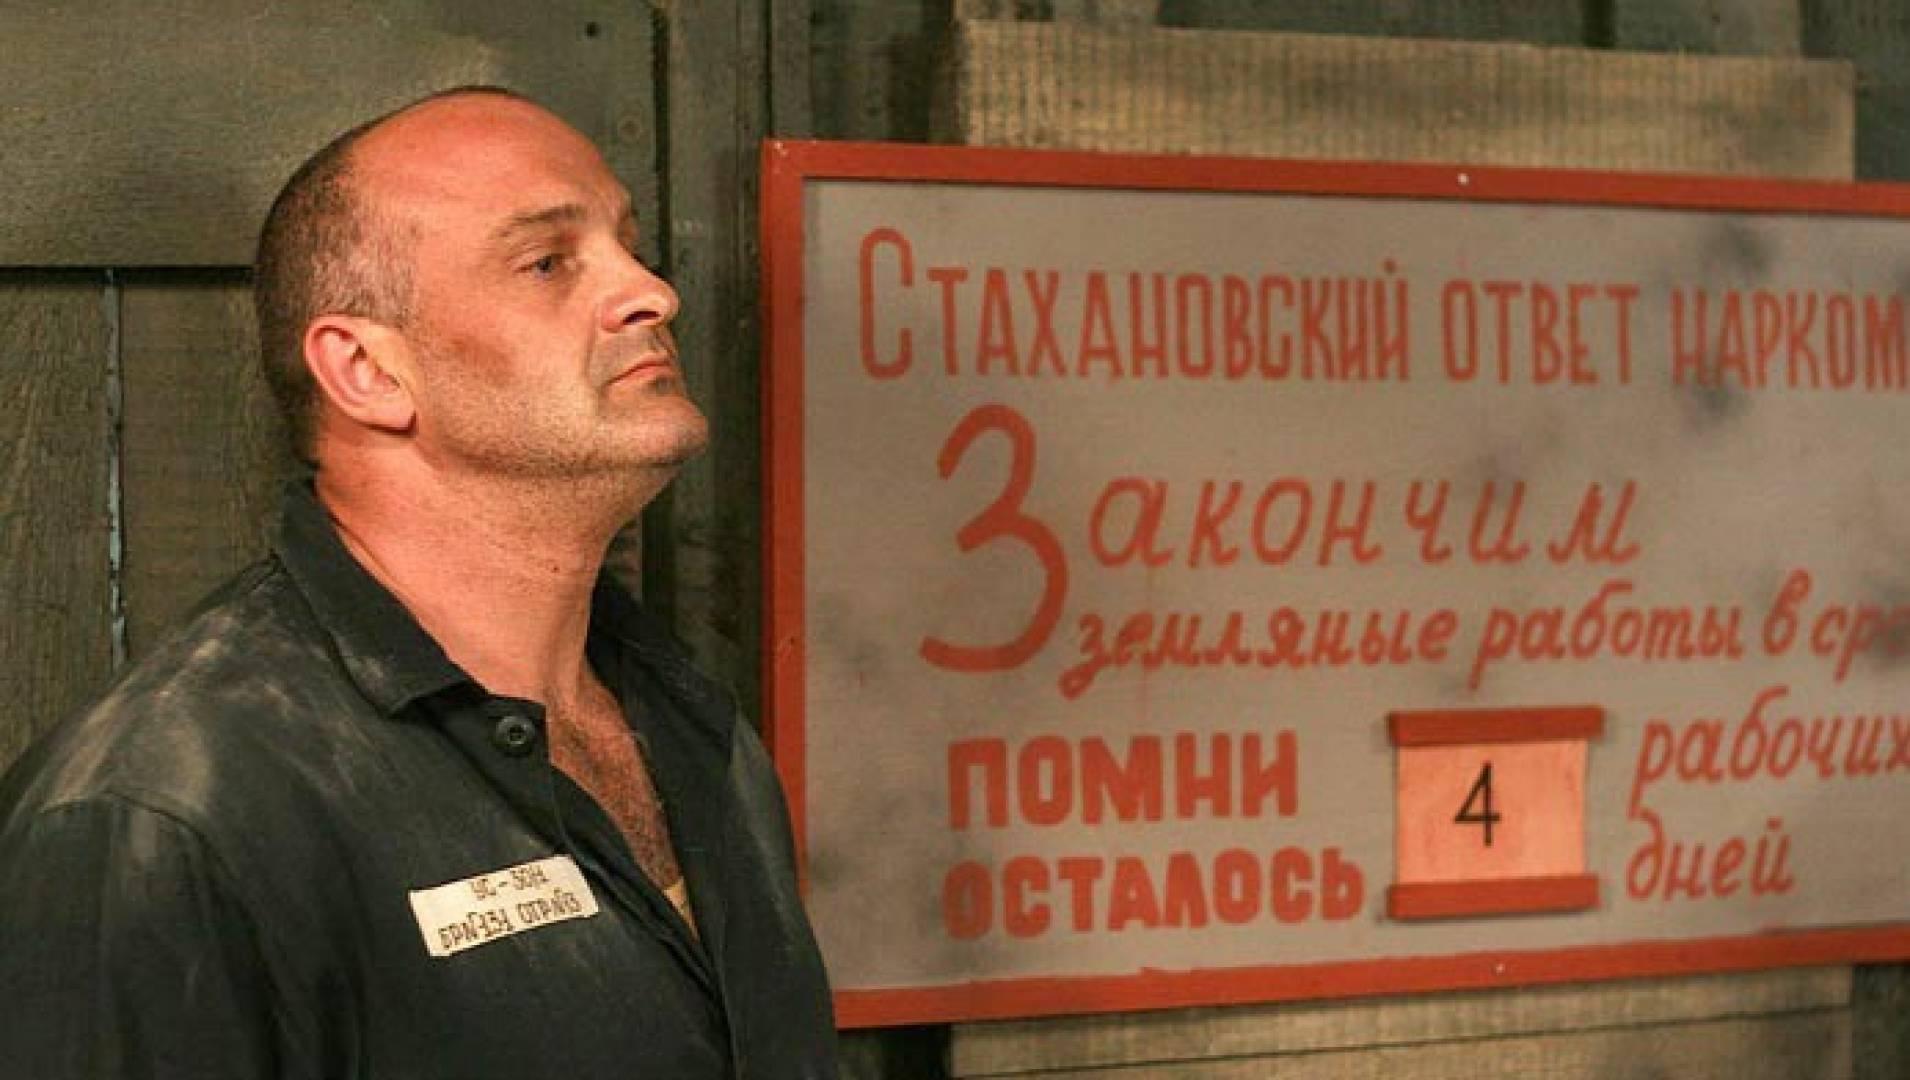 Стая - Приключения, Боевик, Сериал